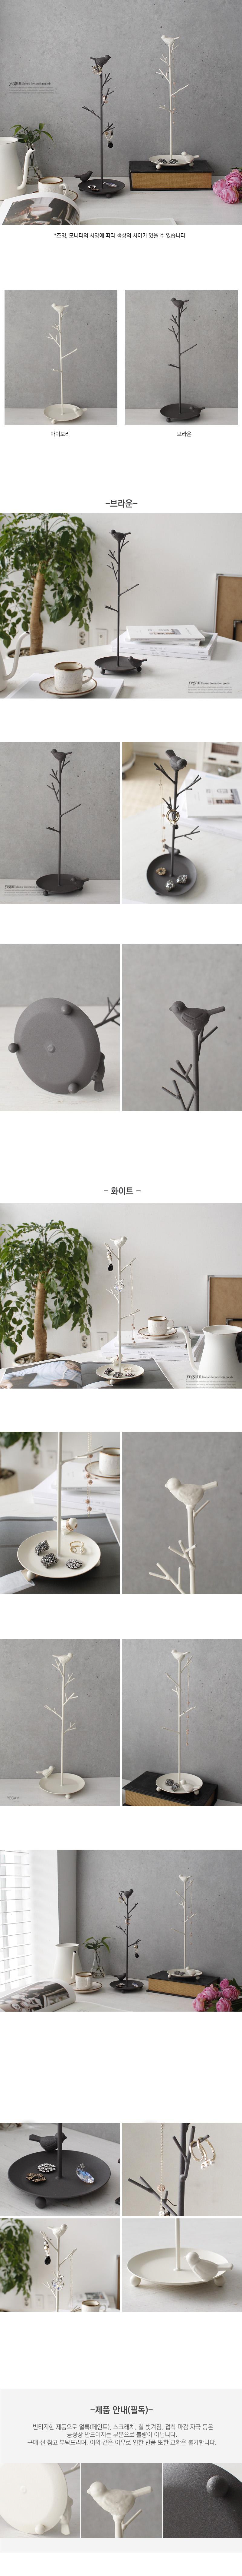 도브 쥬얼리 걸이 - 2color - 체리하우스, 16,000원, 보관함/진열대, 주얼리진열대